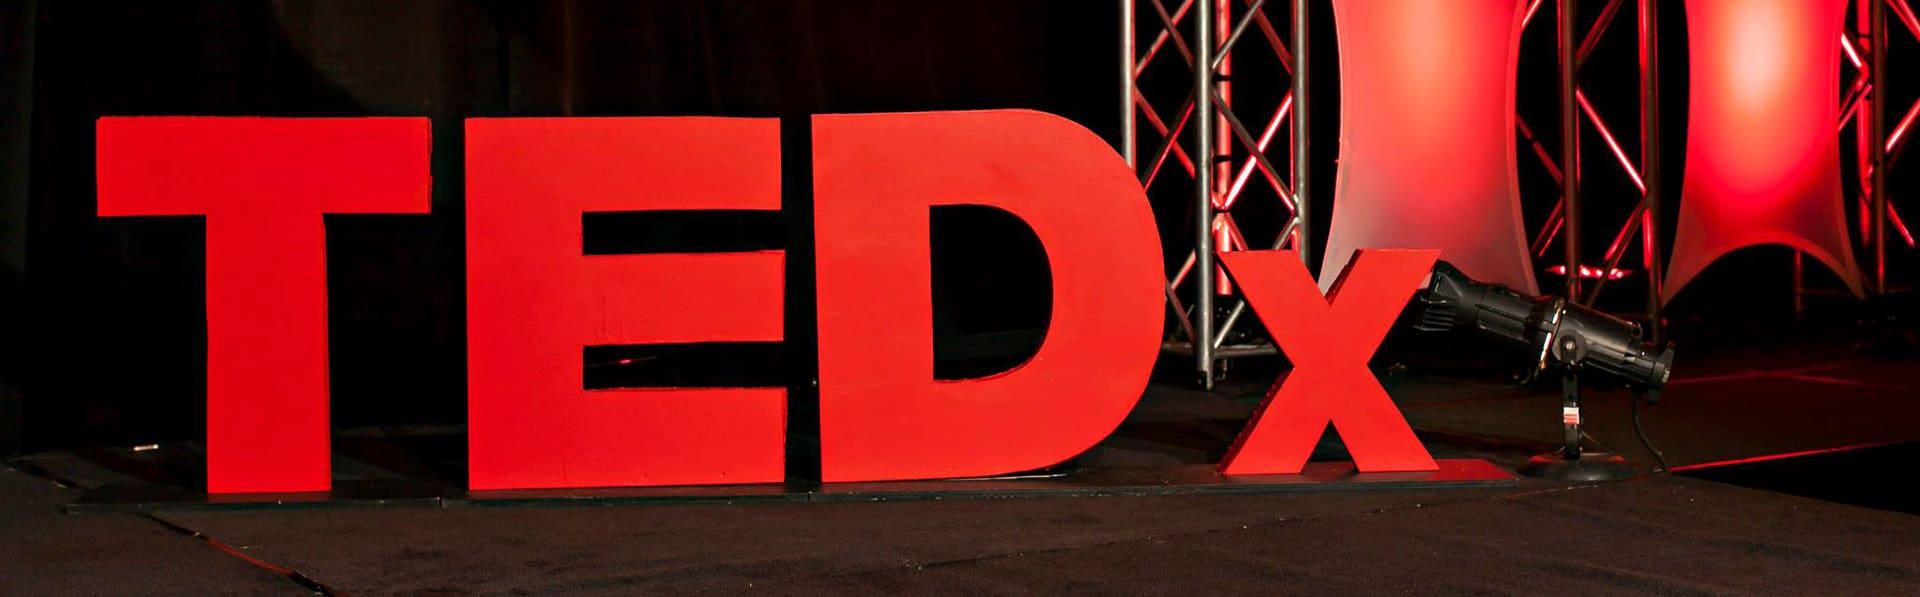 ted-slide